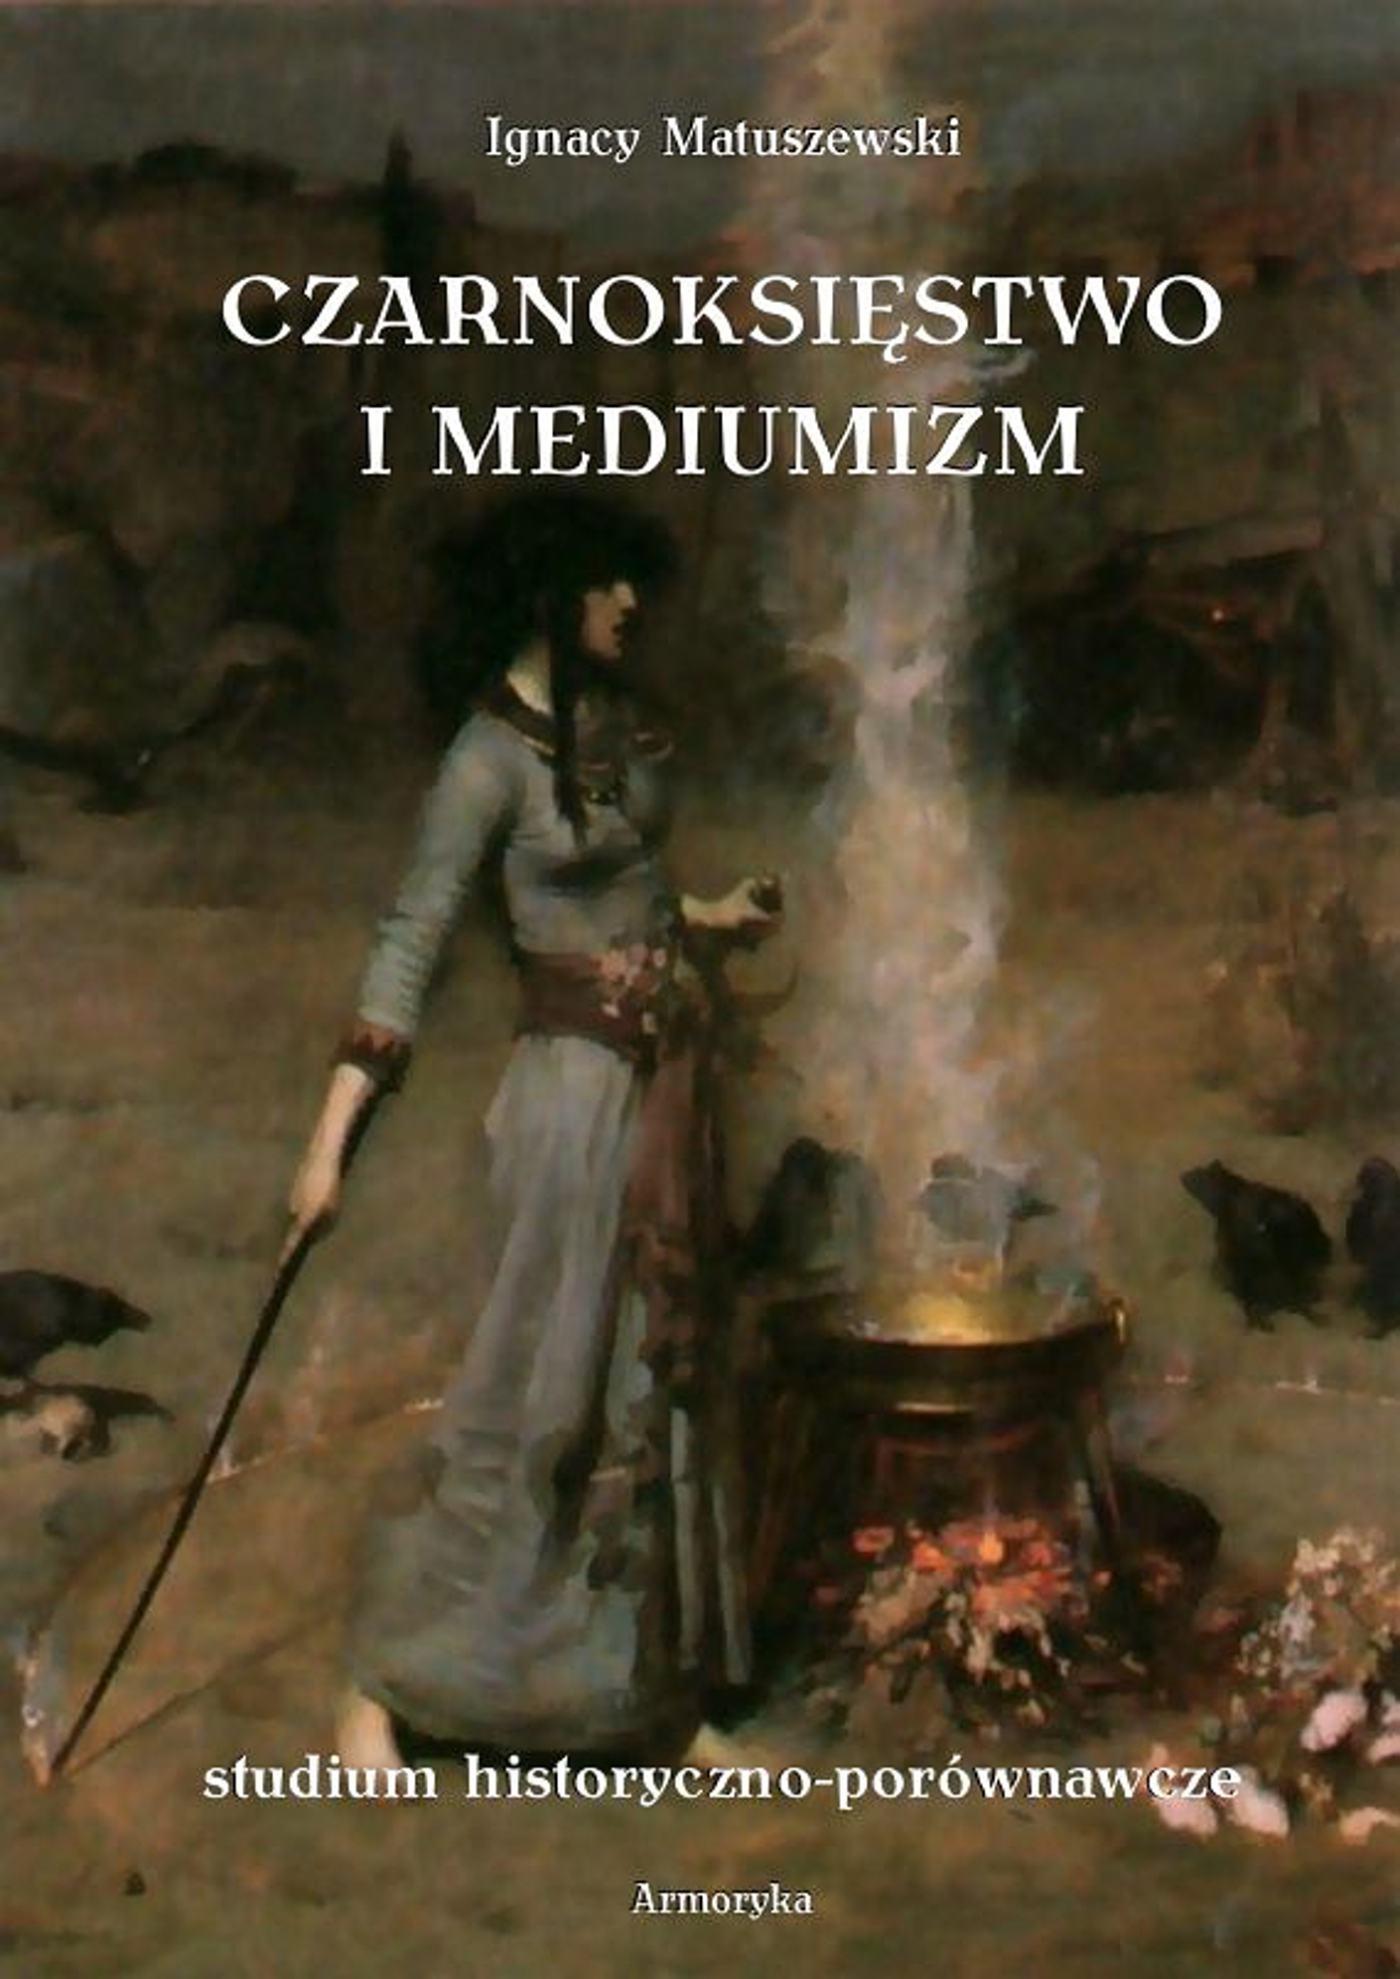 Czarnoksięstwo i mediumizm - Ebook (Książka EPUB) do pobrania w formacie EPUB